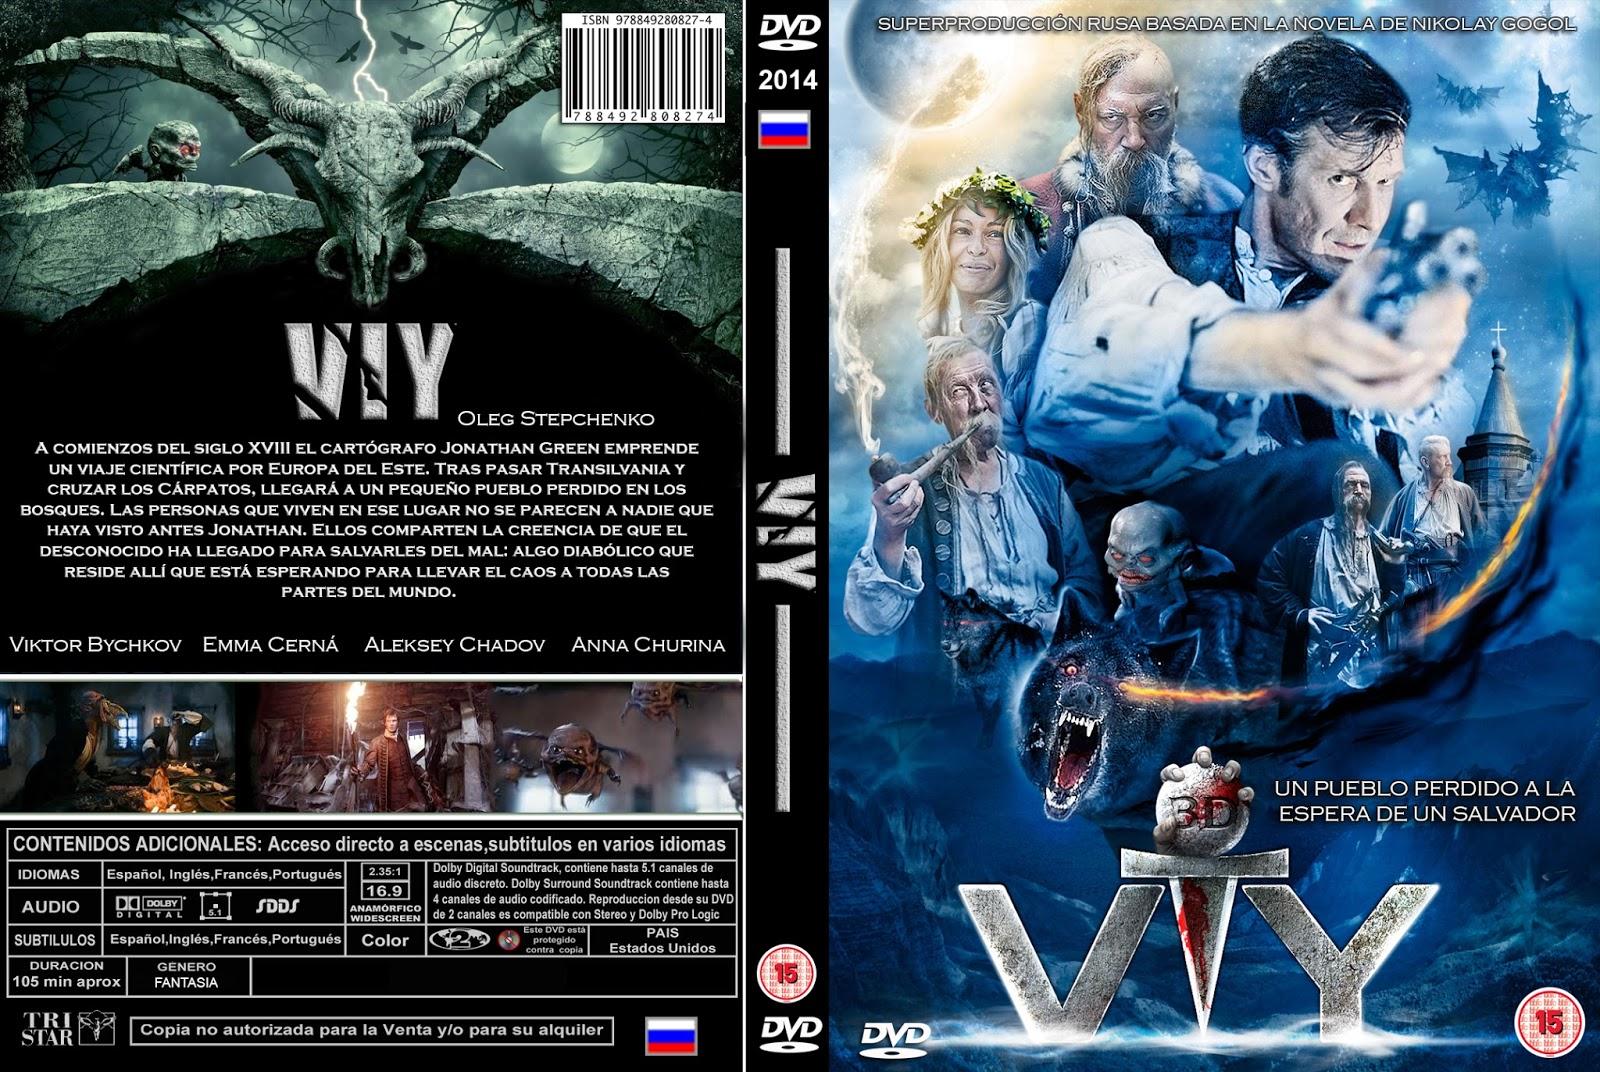 A Lenda Viy DVDRip XviD Dual Áudio VIY DVD COVER 2014 ESPA C3 91OL PBETADOS